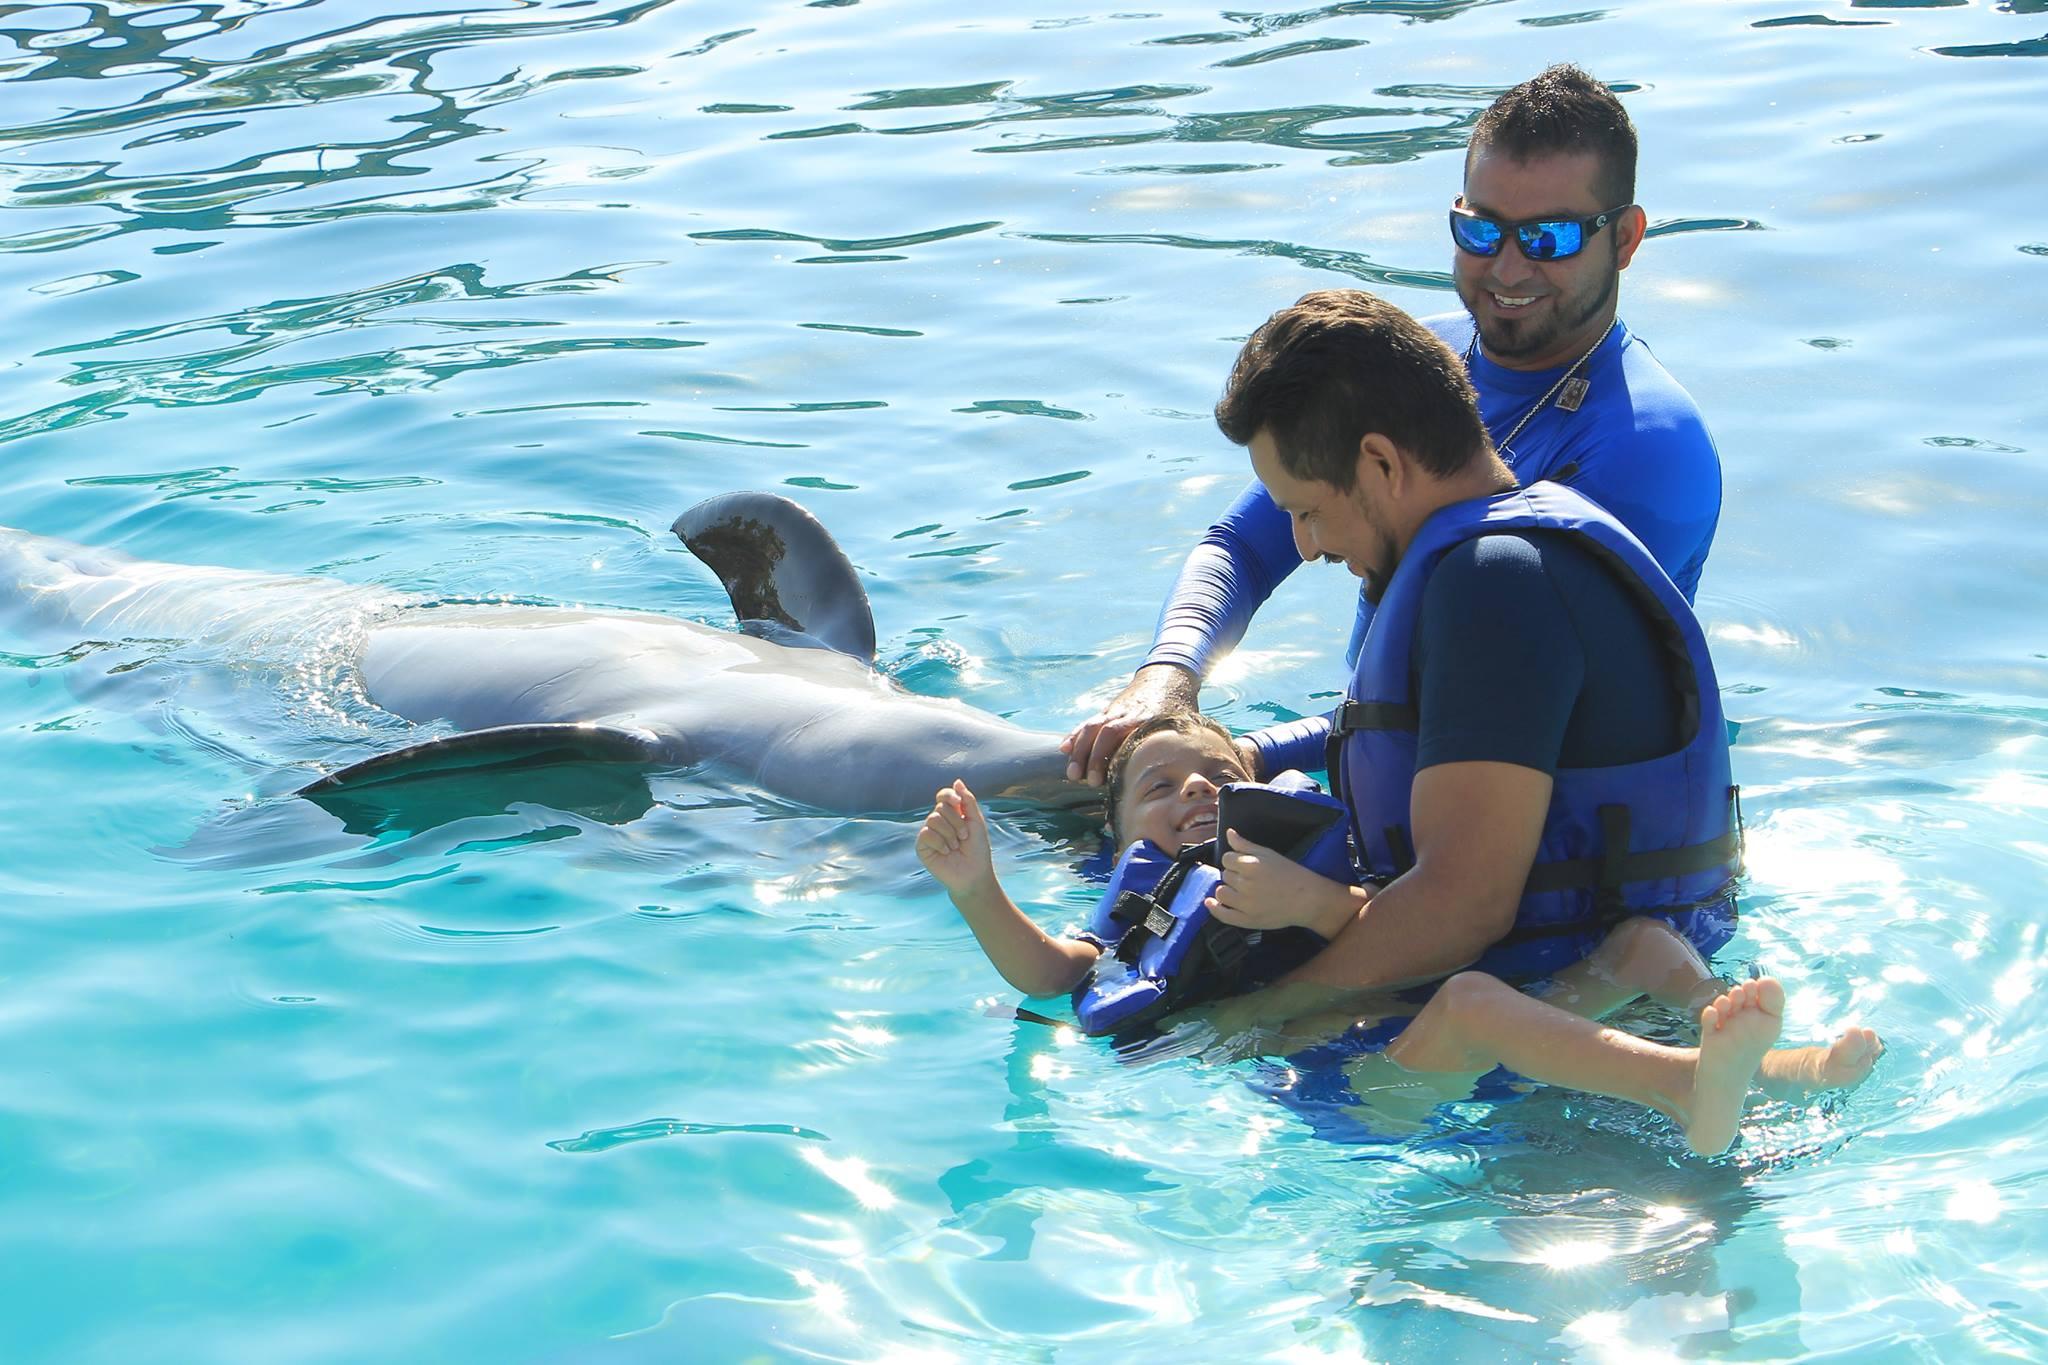 Cabe resaltar que las personas con síndrome de down han sido en las que mayor avance se ha notado luego de convivir con los delfines